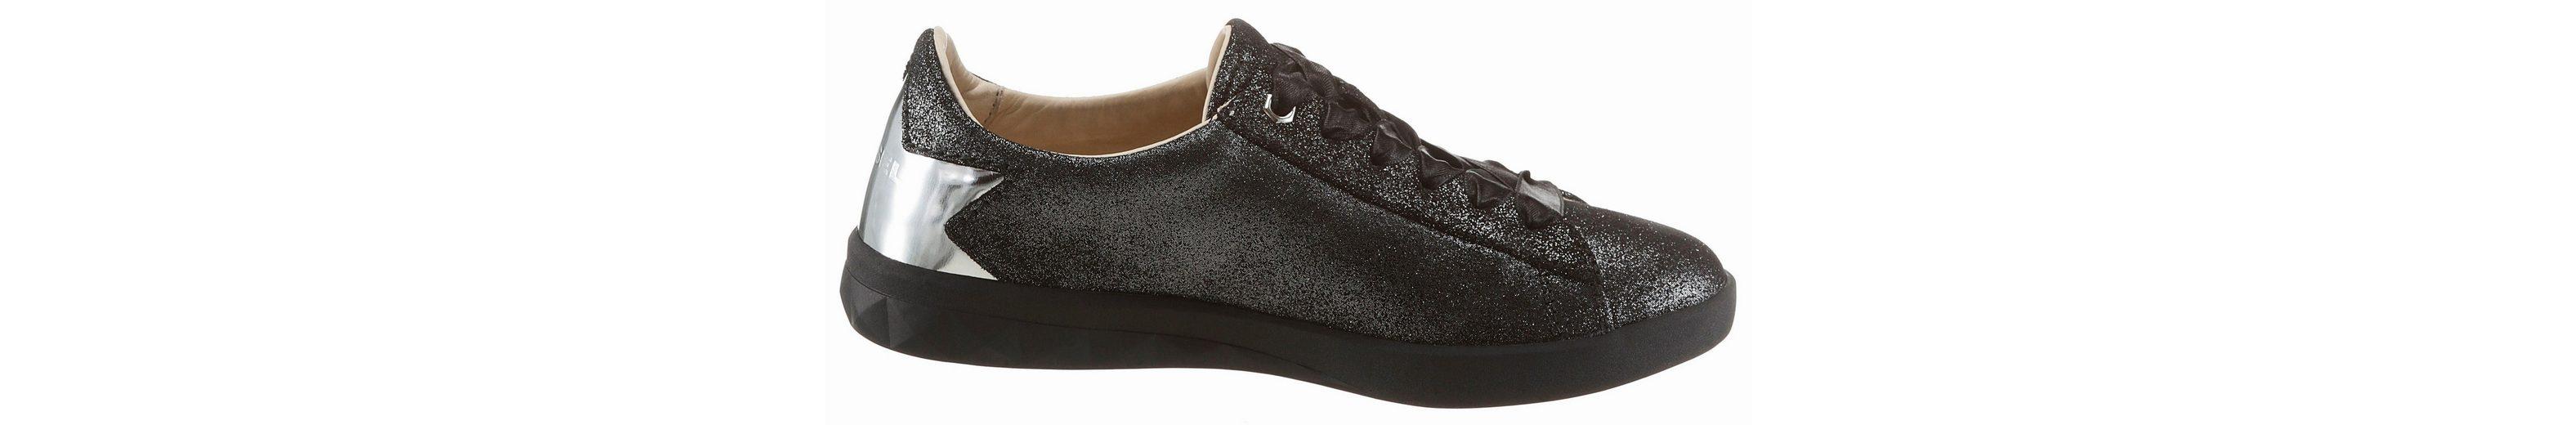 Diesel Solstice Low W Sneaker, mit Stern-Applikation an der Ferse